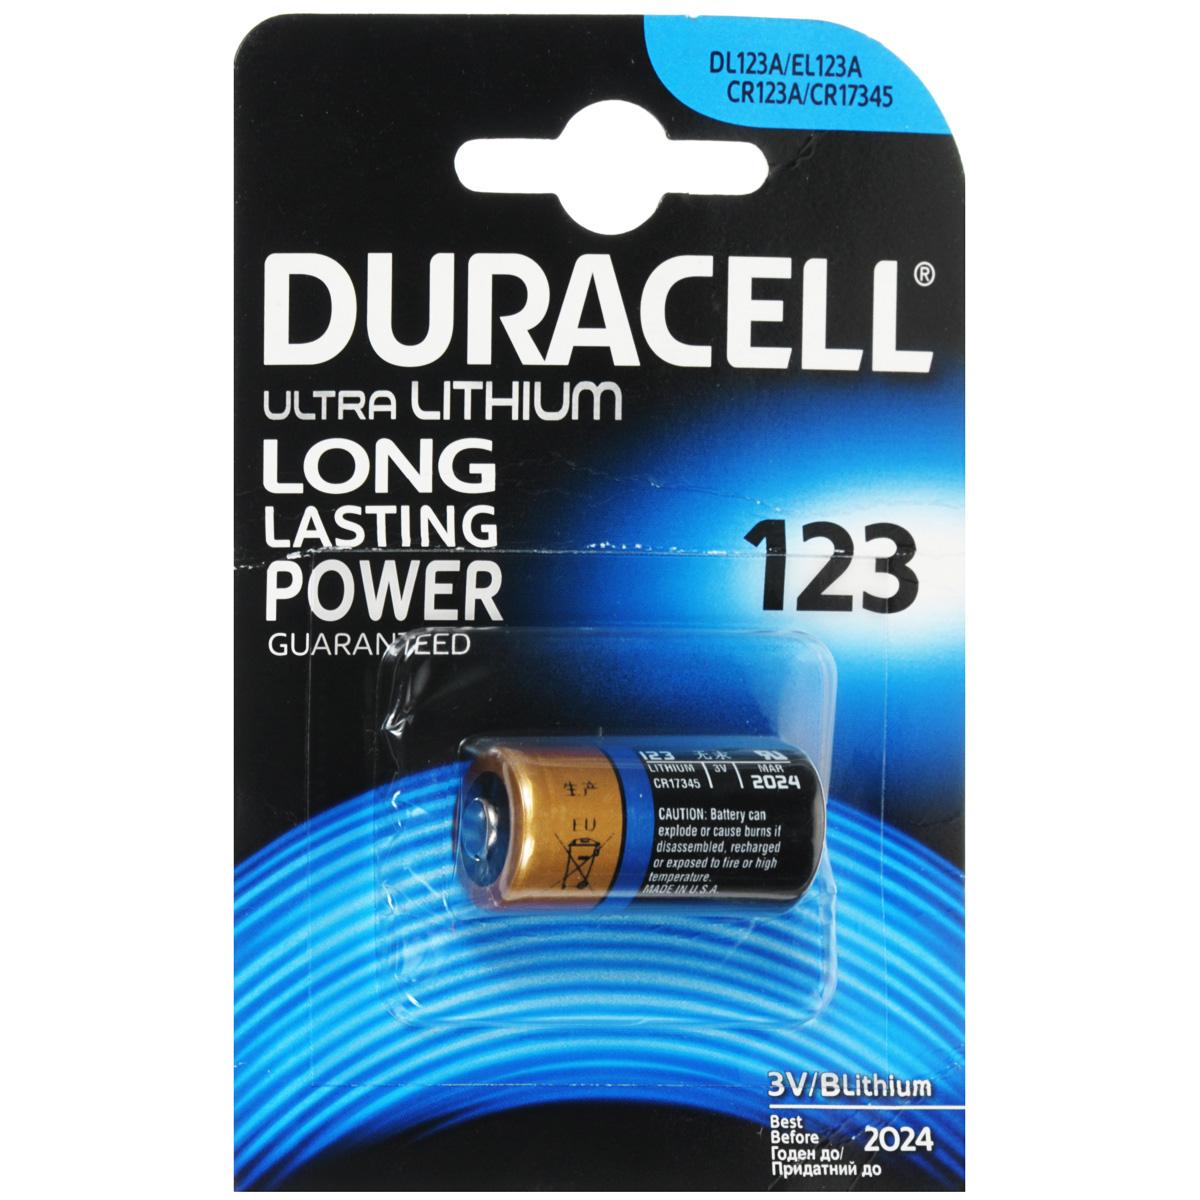 Батарейка литиевая Duracell Ultra. DRC-81476860тPLN-EL12Батарейка литиевая Duracell Ultra используется для фотоаппаратов с типразмером батареи DL123A / EL133A / CR123A / CR17345.Большинство из современных цифровых фотоаппаратов предъявляют серьёзные требования к таким характеристикам батареек, как емкость и способность к быстрому возобновлению энергии. В качестве ответа на эту всё возрастающую потребность появились специальные литиевые батарейки для фотоаппаратов, лидером в производстве которых является Duracell. Литиевые элементы питания характеризуют:высокая мощность, что позволяет использовать их для фототехники;более высокое напряжение, чем источники тока других электрохимических систем (3В);низкий уровень саморазряда; длительный срок хранения (10 лет);широкий диапазон рабочих температур.Не разбирать, не перезаряжать, не подносить к открытому огню. Не устанавливать одновременно новые и использованные батарейки, а также батарейки различных марок, систем и типов. При установке соблюдать полярность (+/-). Хранить в недоступном для детей месте.